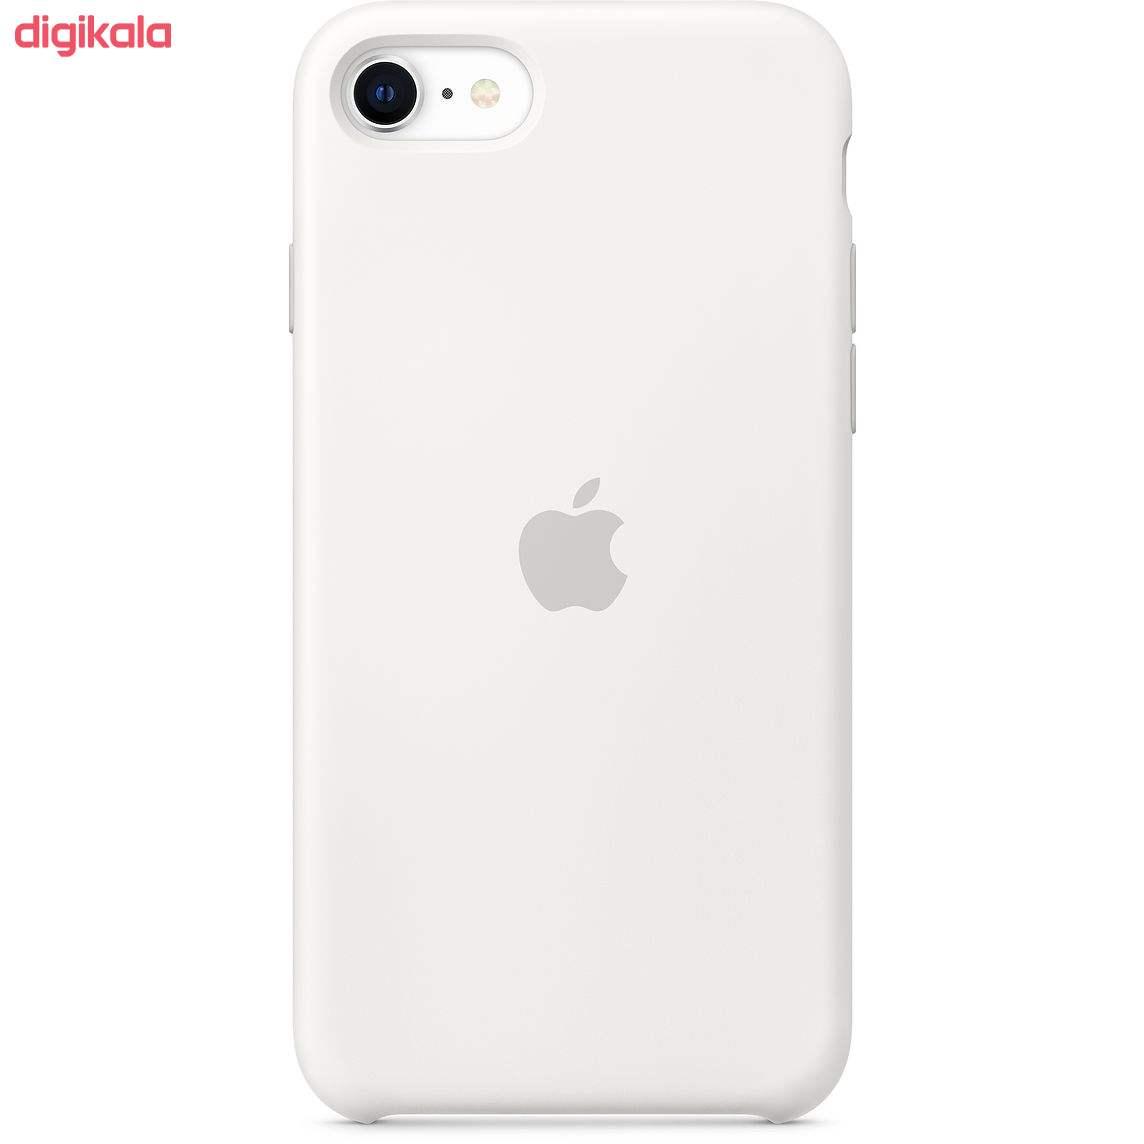 کاور مدل Silic مناسب برای گوشی موبایل اپل Iphone se 2020 main 1 5